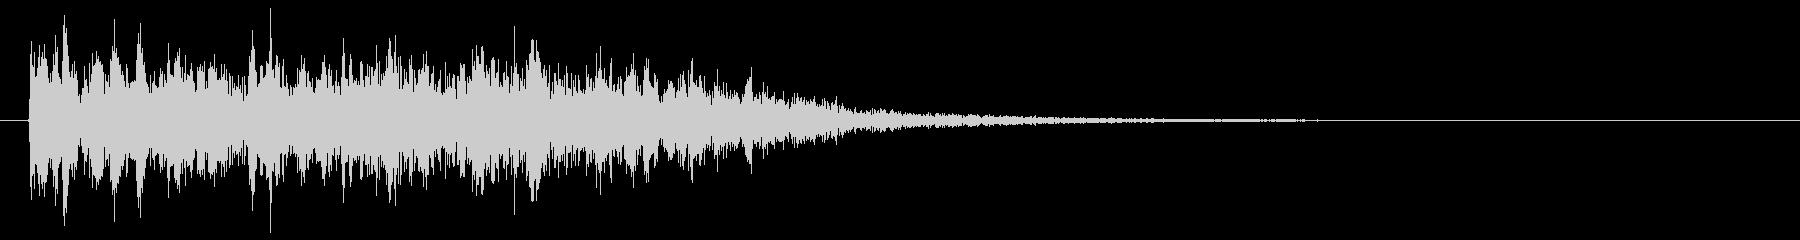 レーザービーム 光線銃 ピロピロ音の未再生の波形